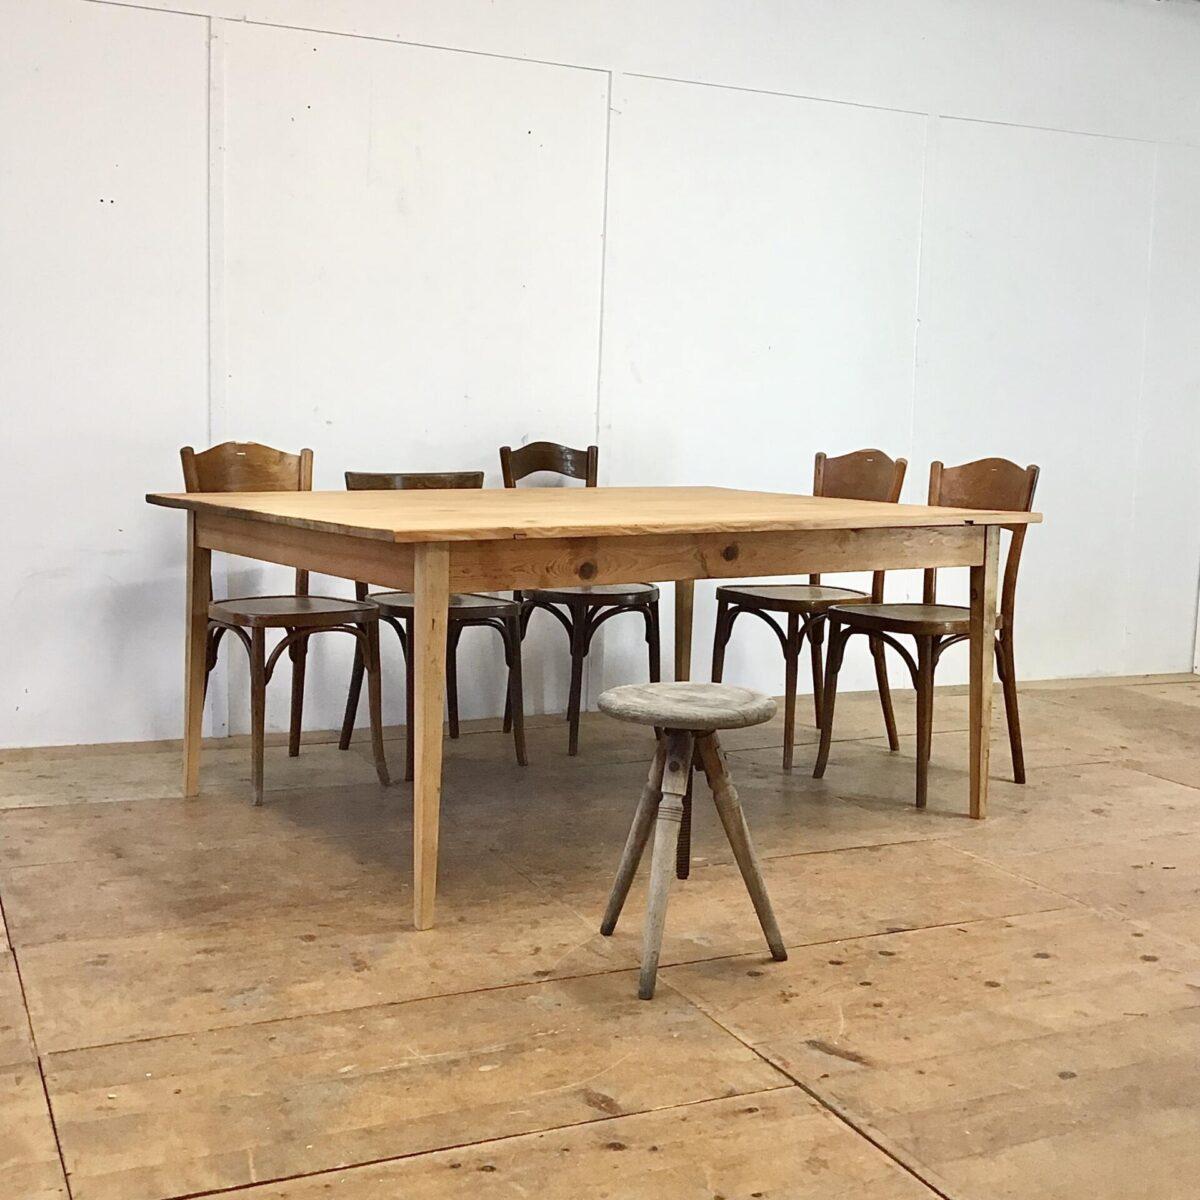 Deuxieme.shop Beizentisch Biedermeiertisch aus Tannenholz 180x128.5cm Höhe 75.5cm. Dieser Esstisch hat ein seltenes Format, an der breiten Stirnseite finden 2 Personen Platz und somit insgesamt bis zu 10 Personen. Ähnlich einem Sitzungstisch oder der verschworenen Stammtisch Runde. Trotz den eher plump wirkenden fast quadratischen Massen wirkt der Tisch, Dank seinem feingliedrigen Unterbau sehr leicht. Das Tischblatt hat auf der Unterseite zwei Gratleisten, welche das Schwinden und Quellen des Tischblattes ermöglichen.